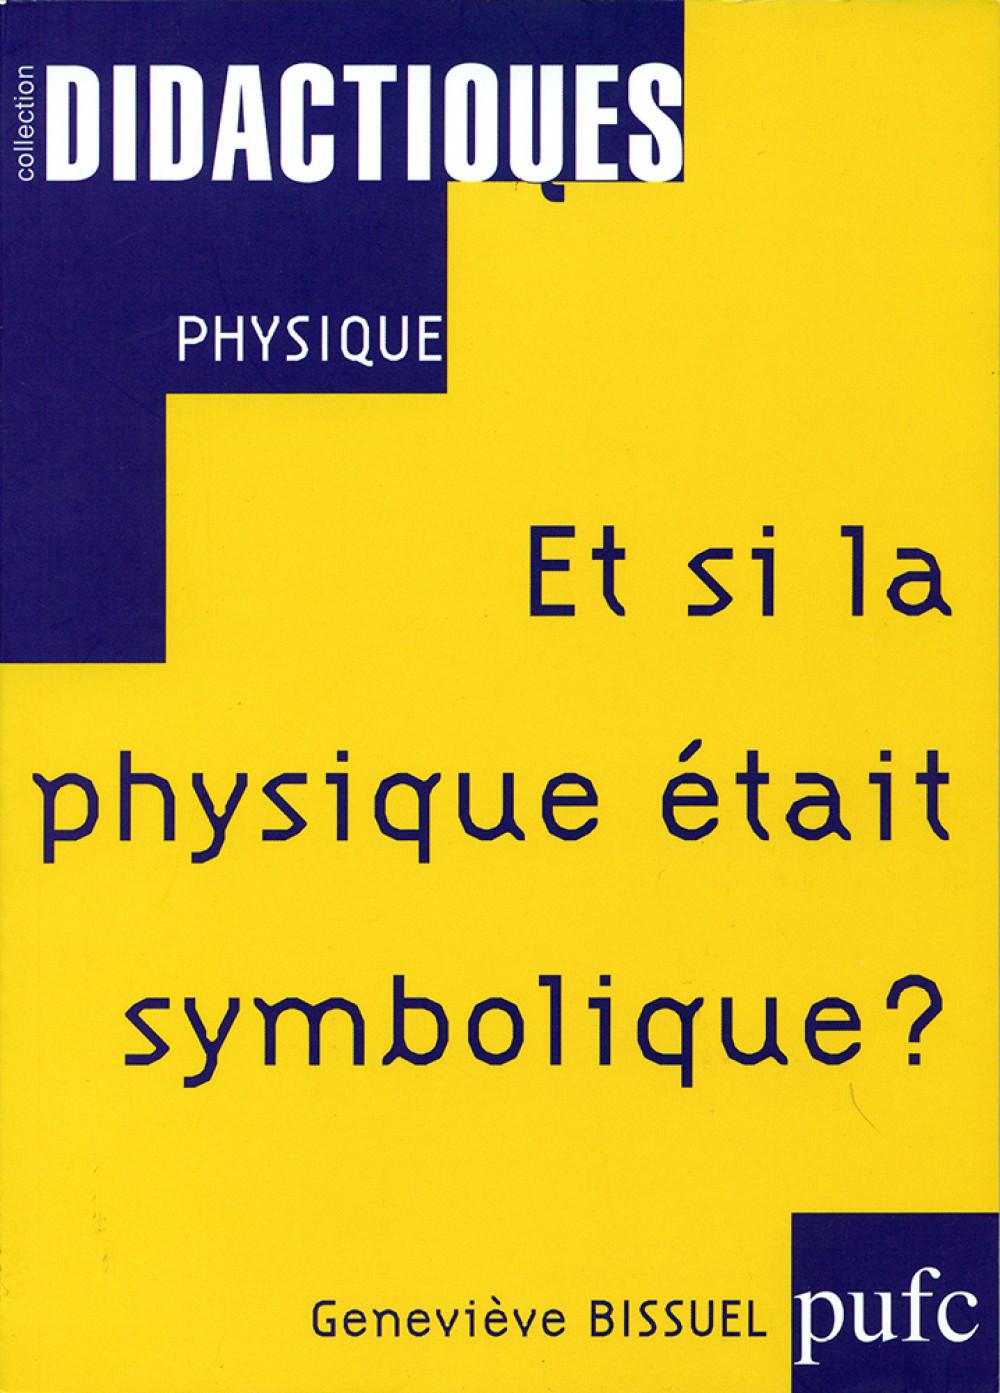 Et si la physique était symbolique ?